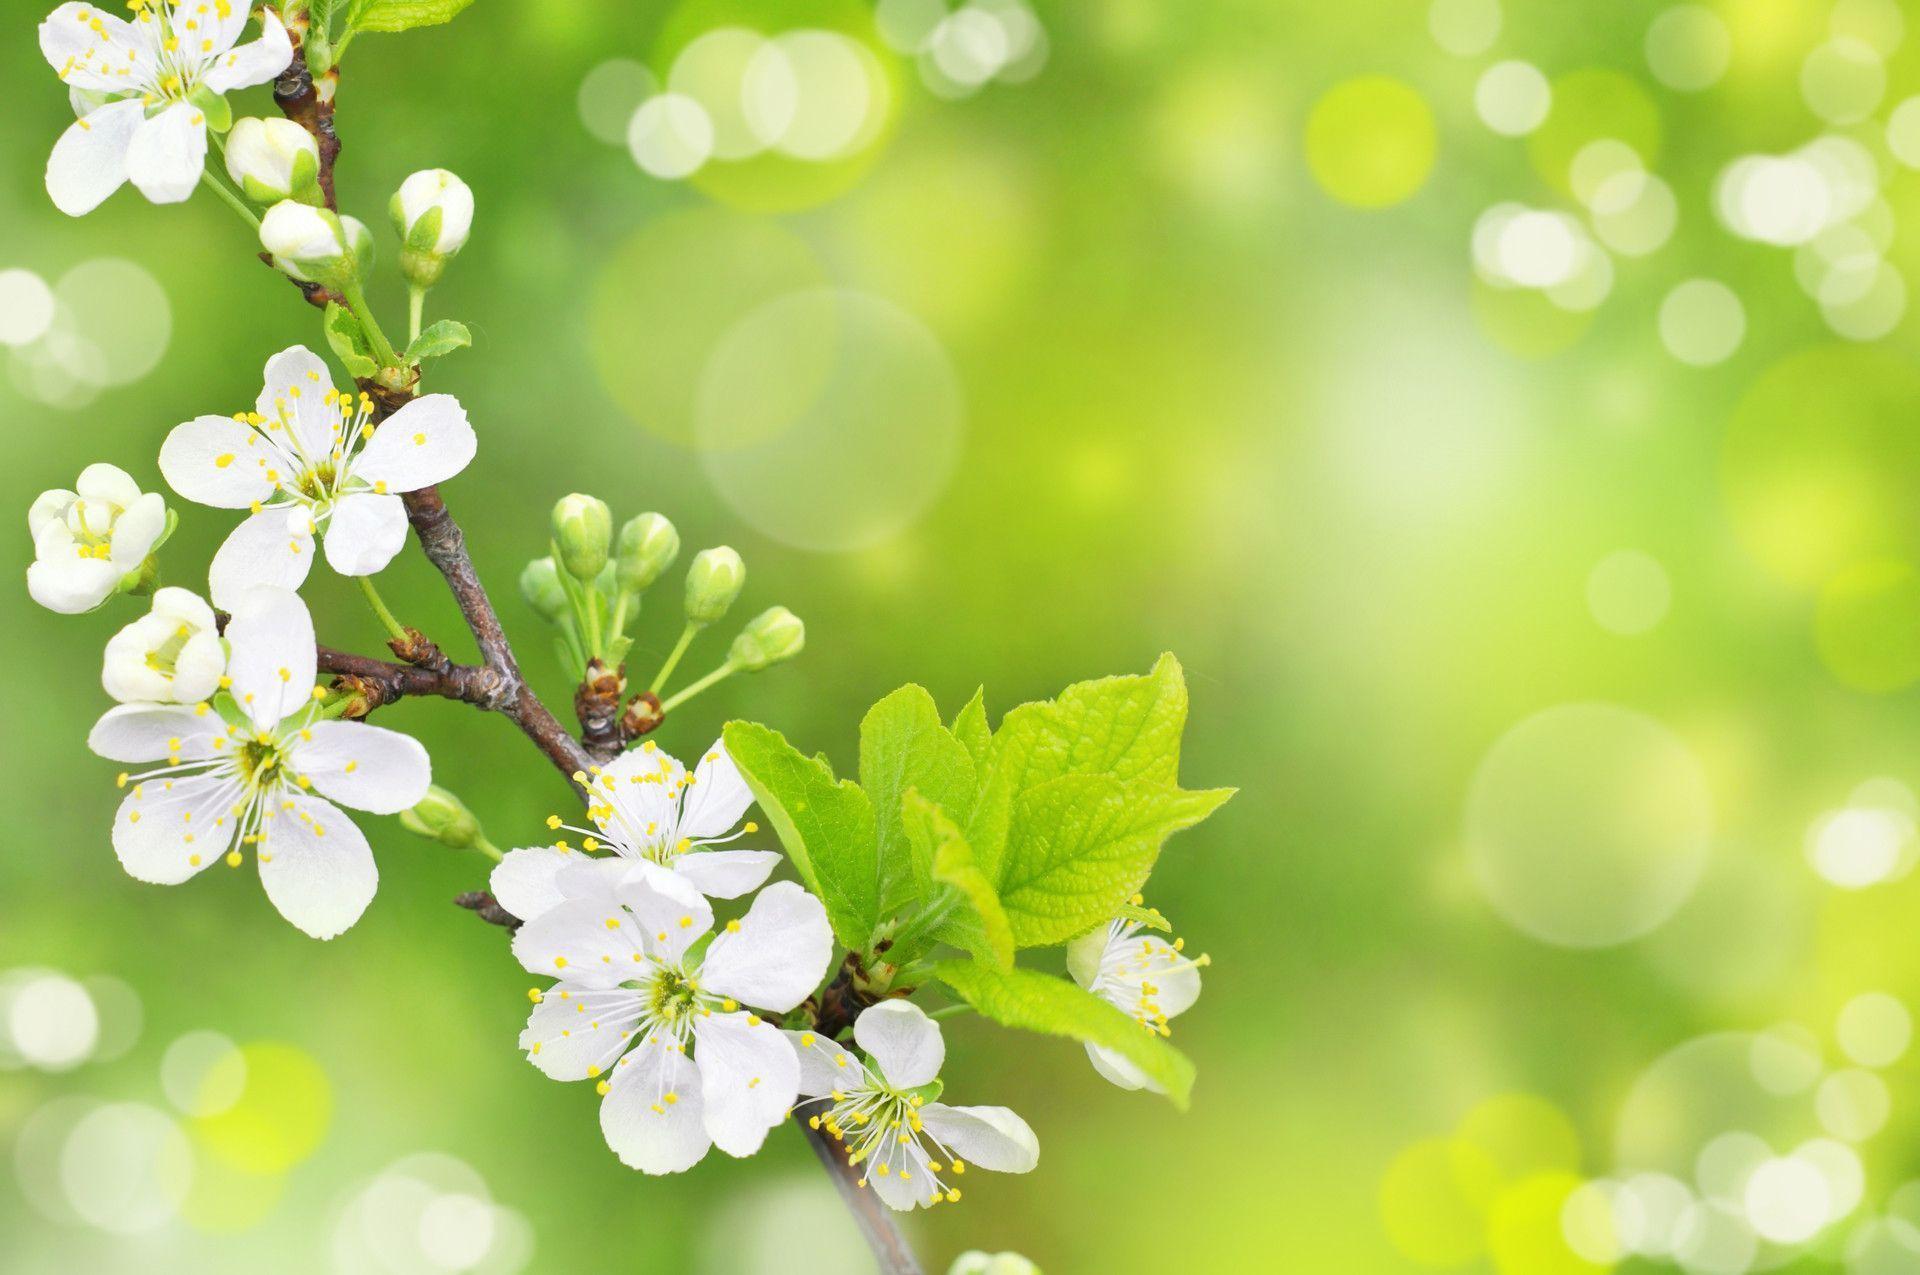 Spring Backgrounds Desktop 1920x1275